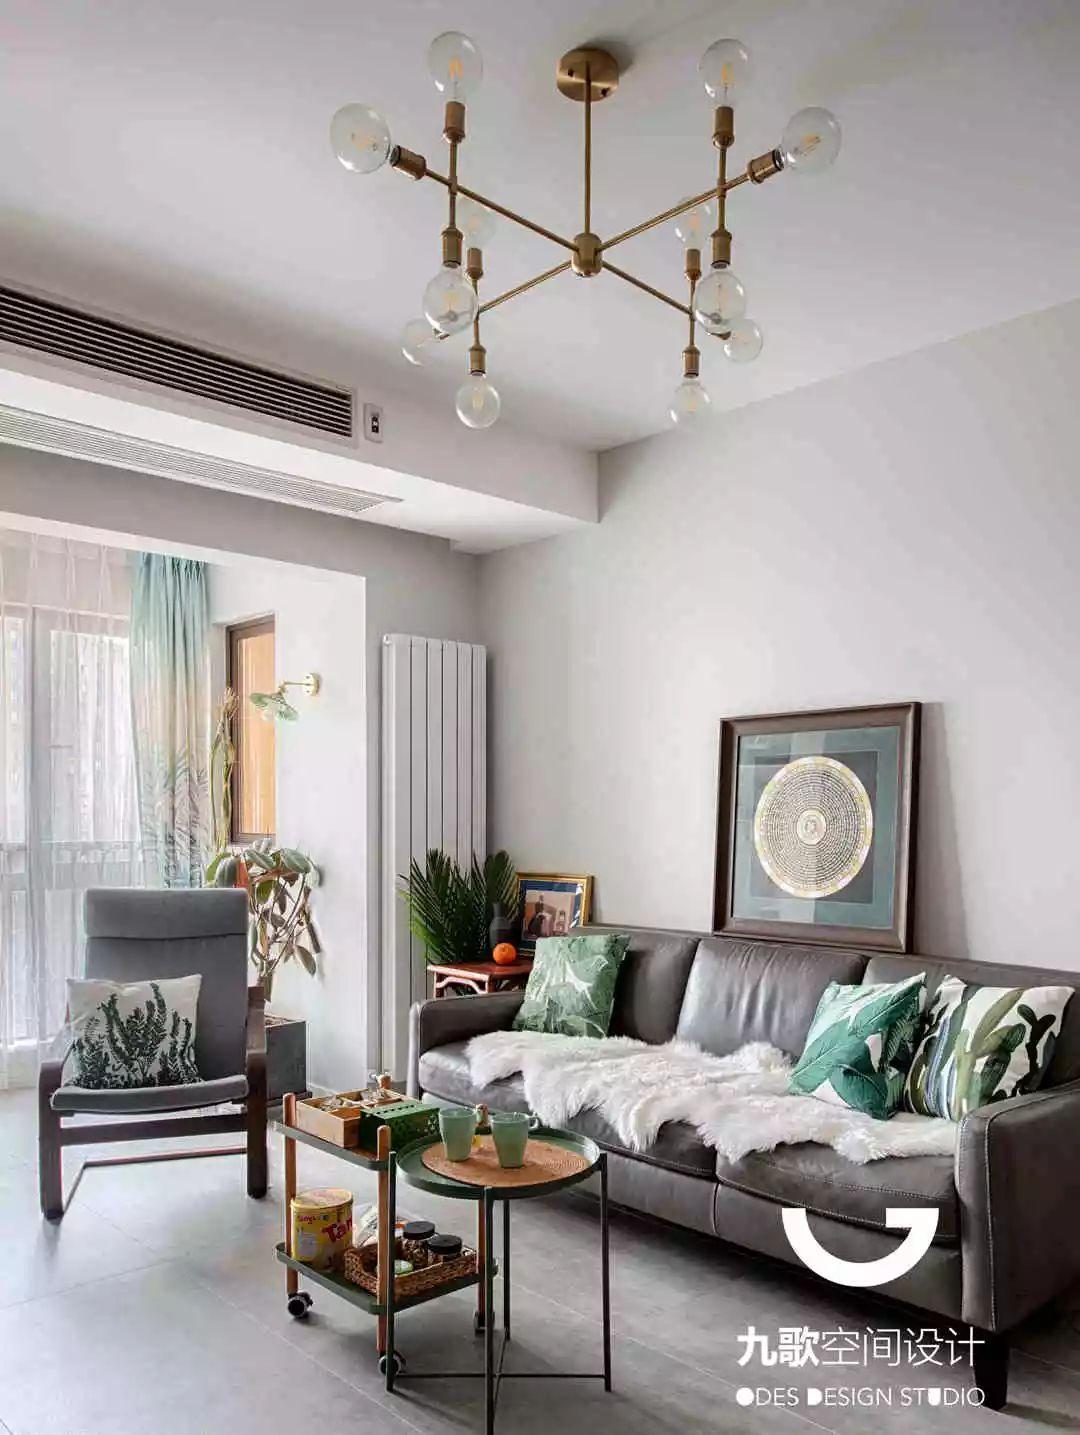 北欧风三居室装修客厅吊灯设计